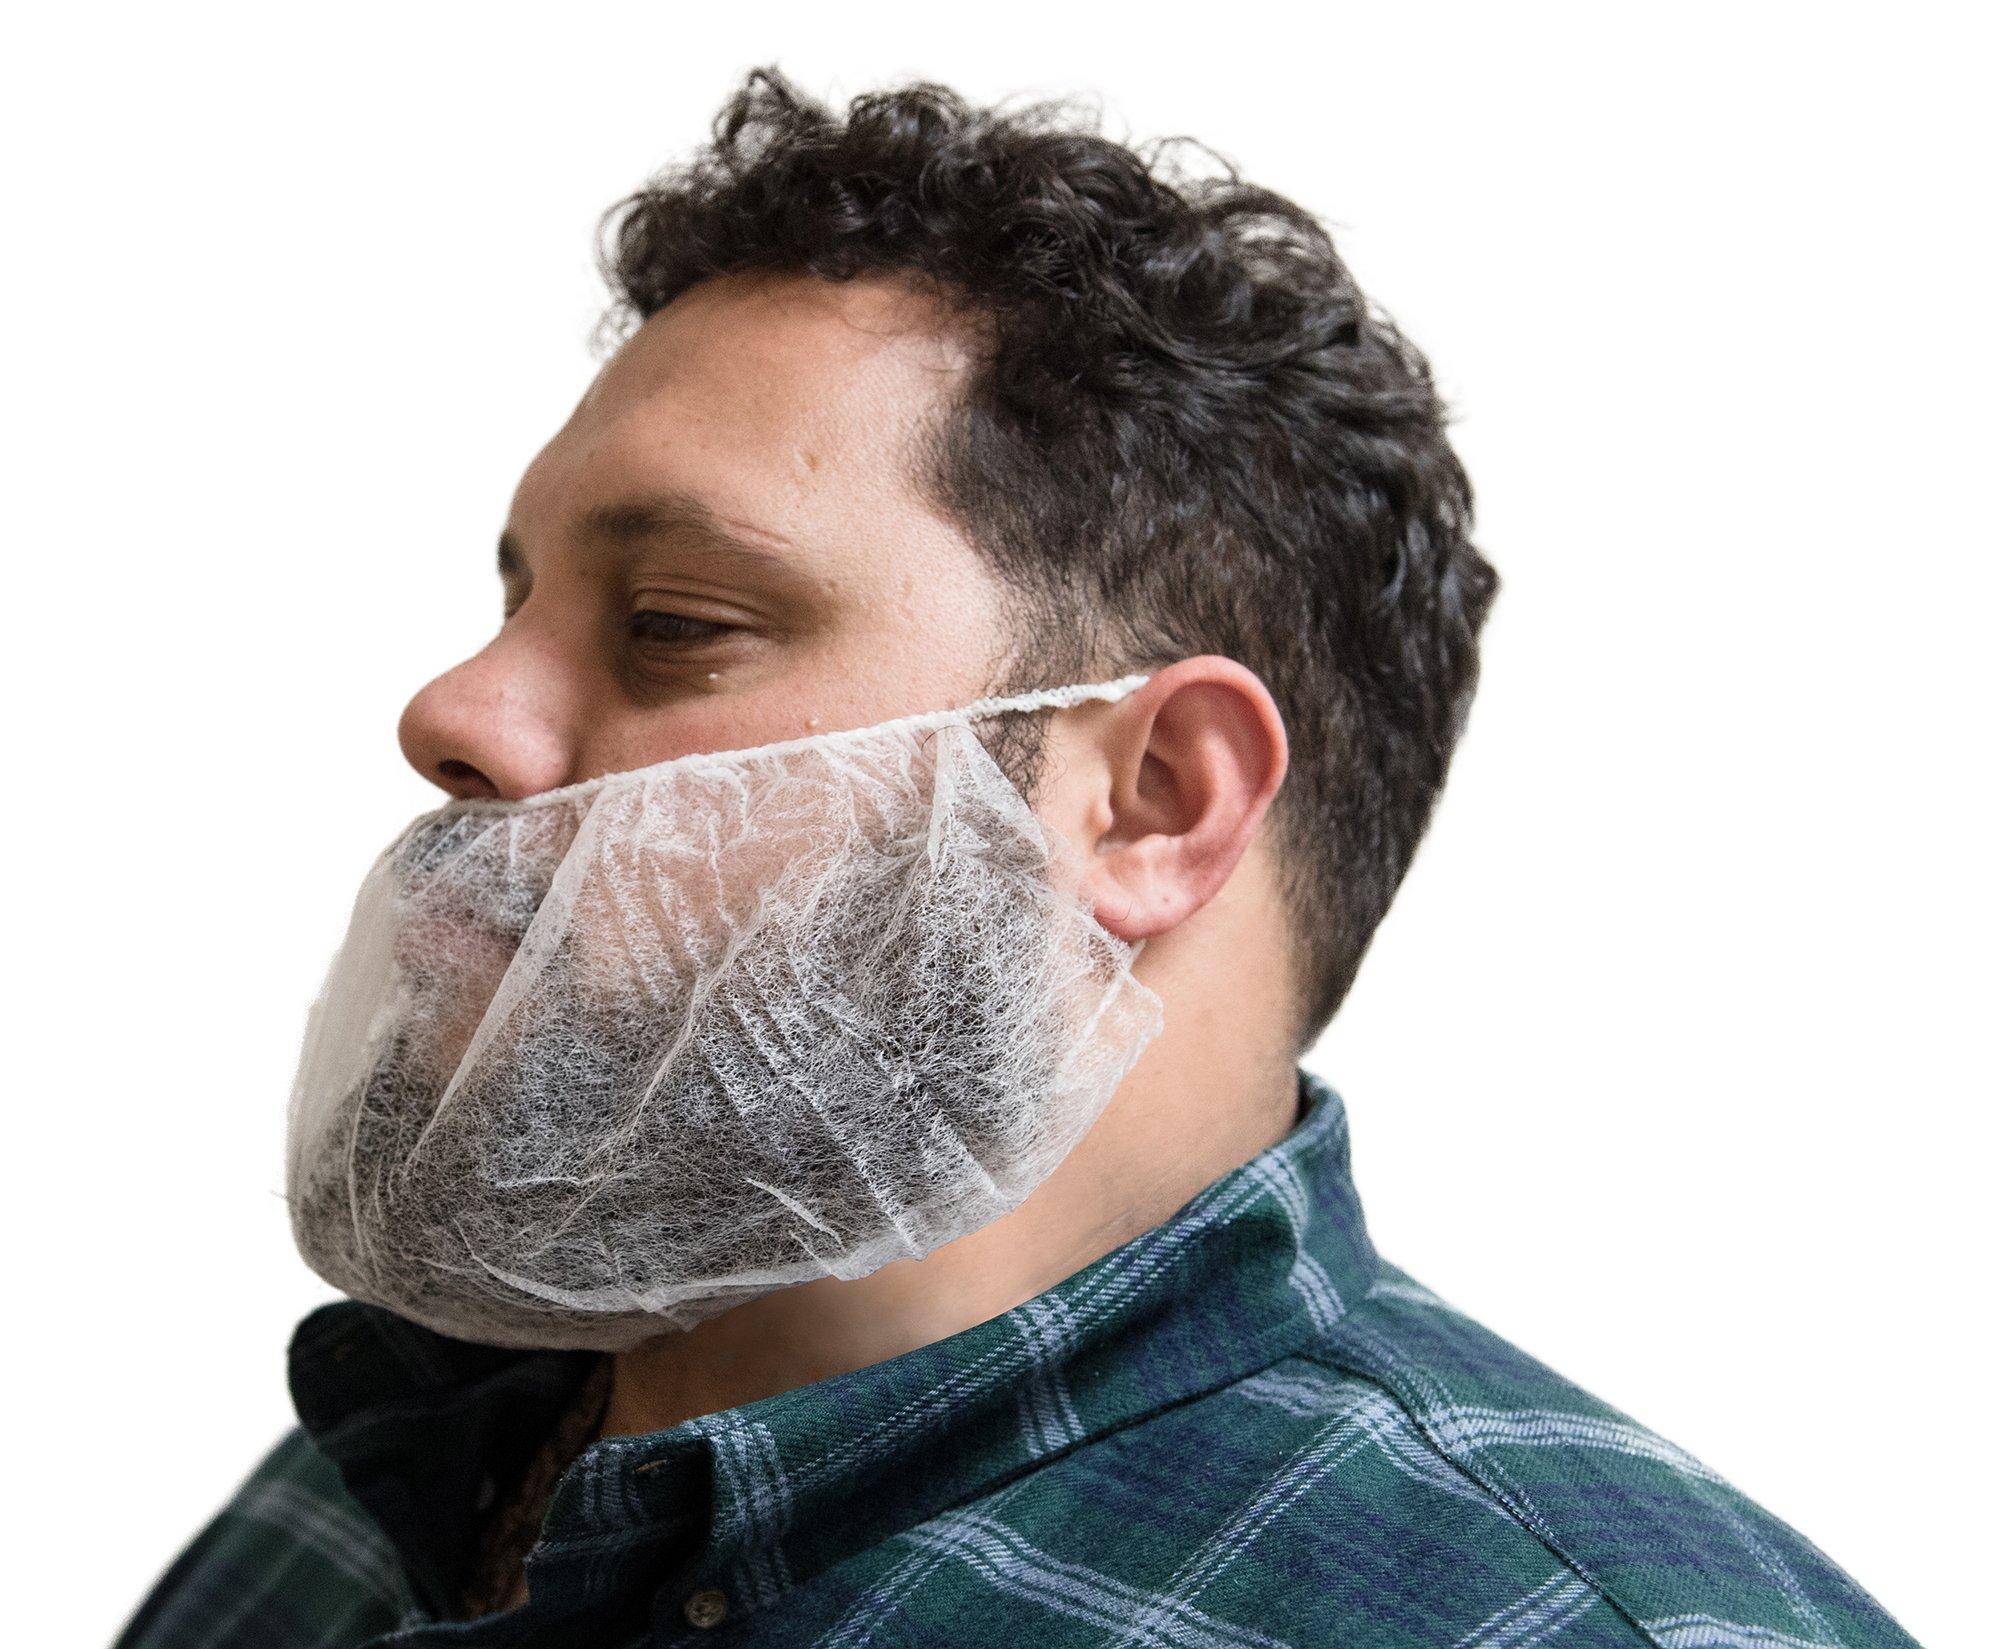 AMMEX - BR1 - Beard Cover - Disposable, Non-woven polypropylene, Unisize, White (Case of 1000)